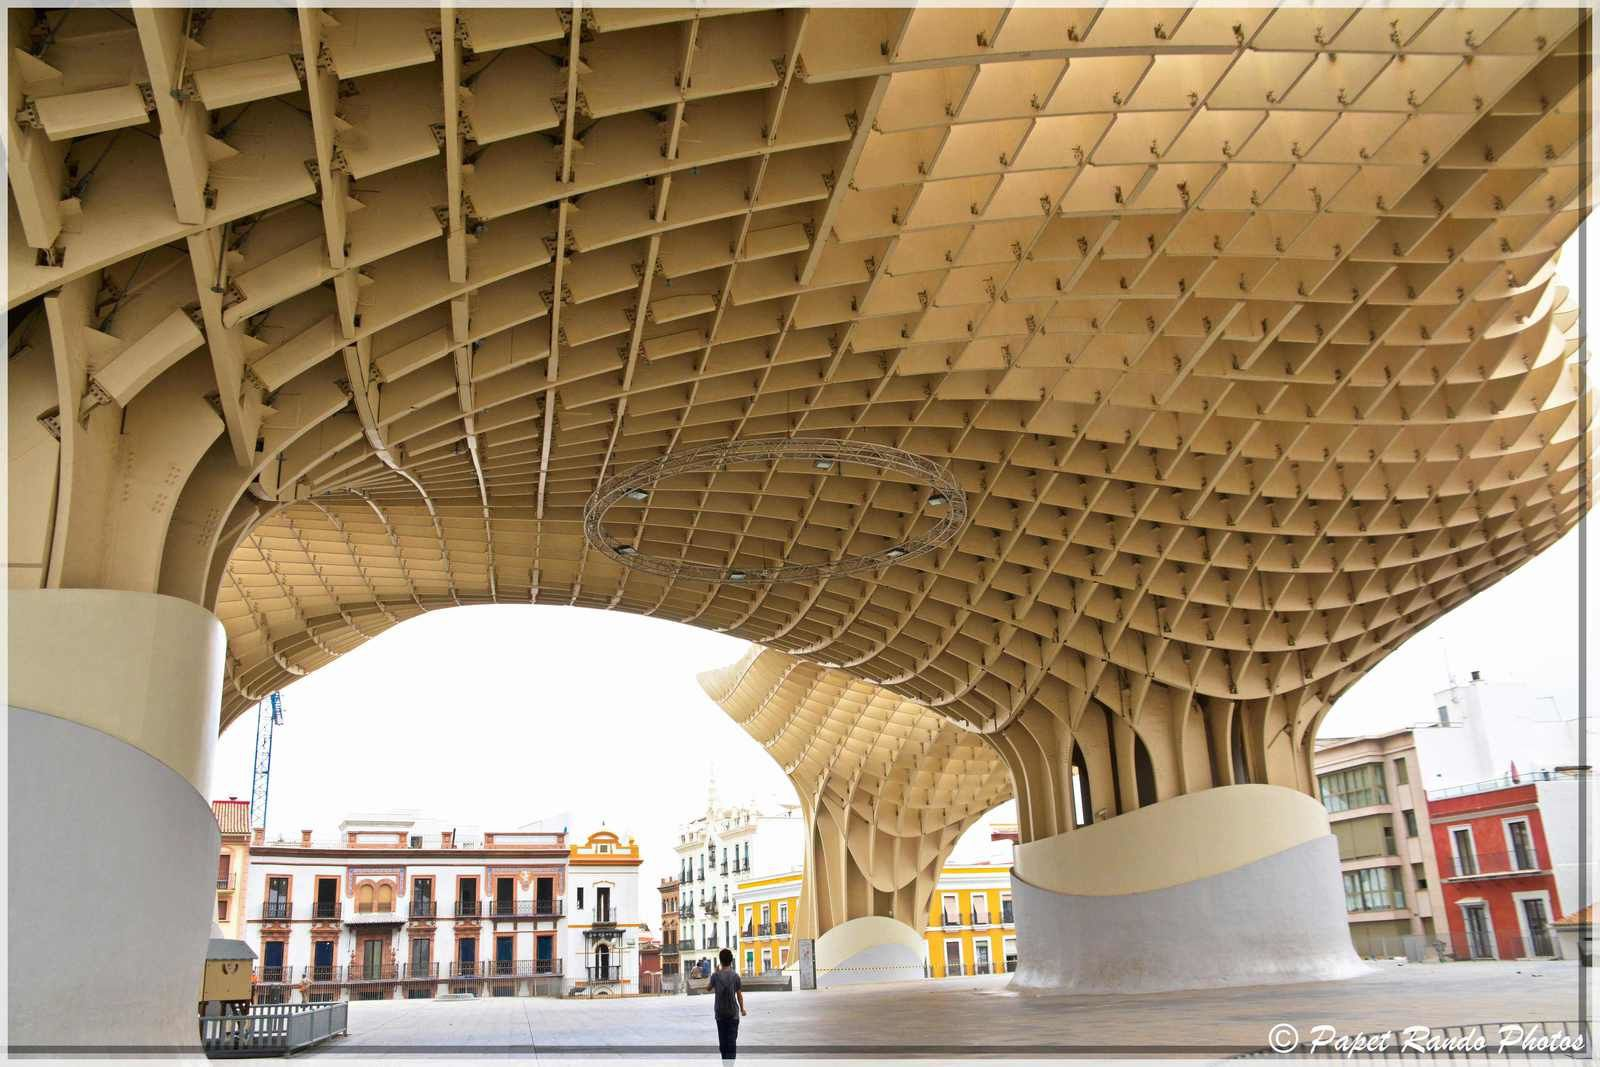 La Cathedrale de Sevilla,inaugurée en 1182 devenue gothique, aussi la plus grande, avec des parties de l'ancienne mosquée, ensuite photos dans la ville